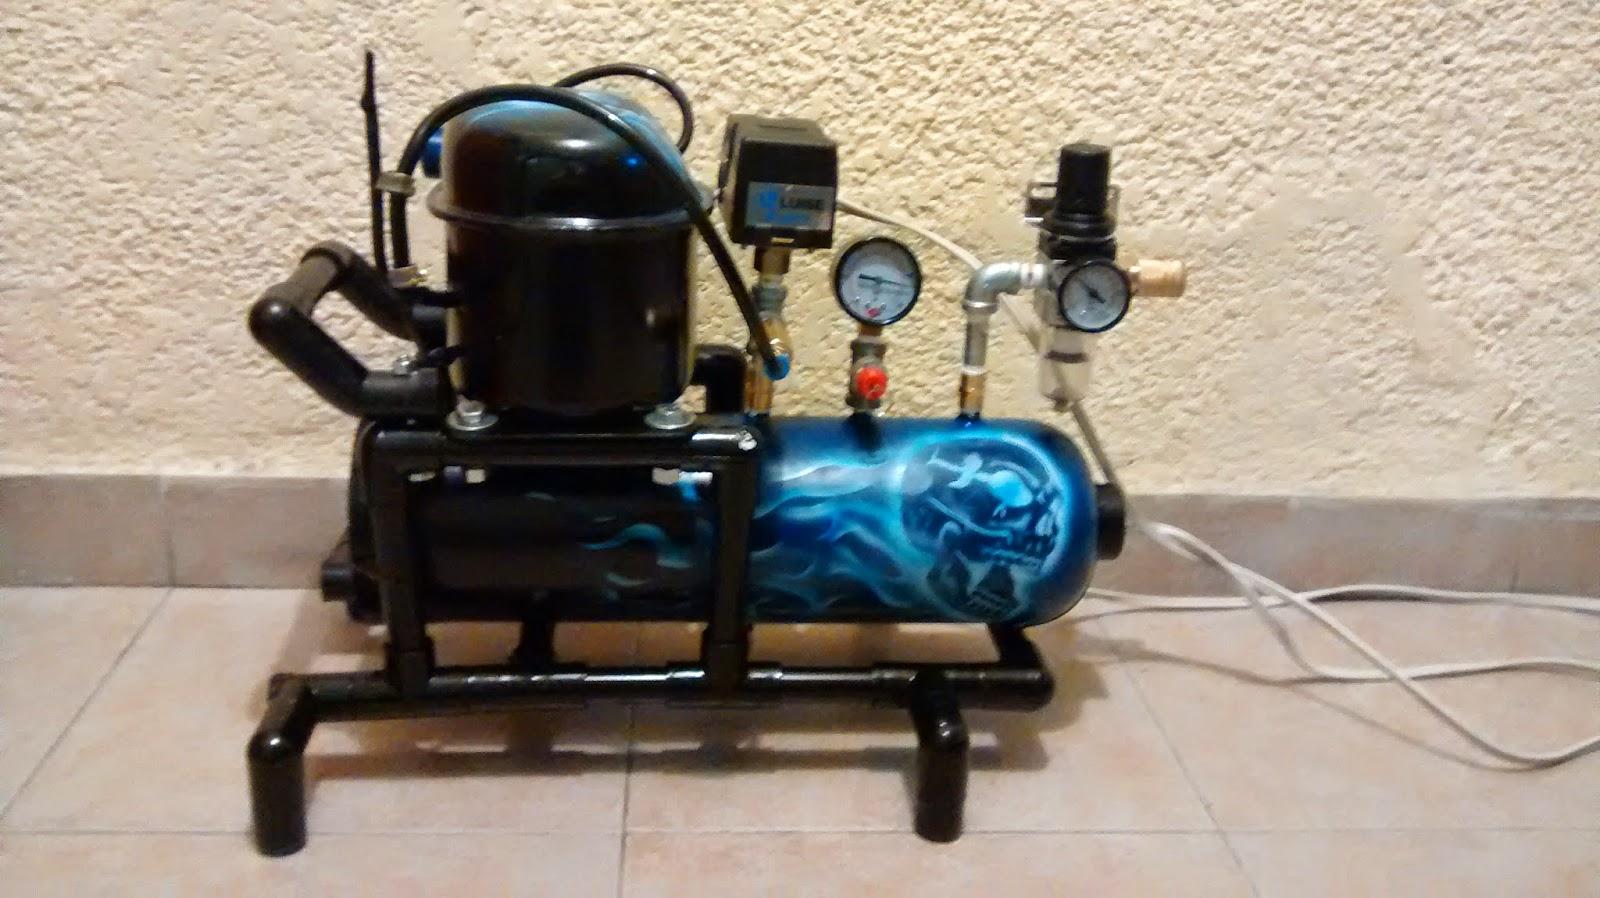 compresor de aire casero. compresor casero motor de nevera frigorifico minicompresor aerografia silencioso compresor de aire casero